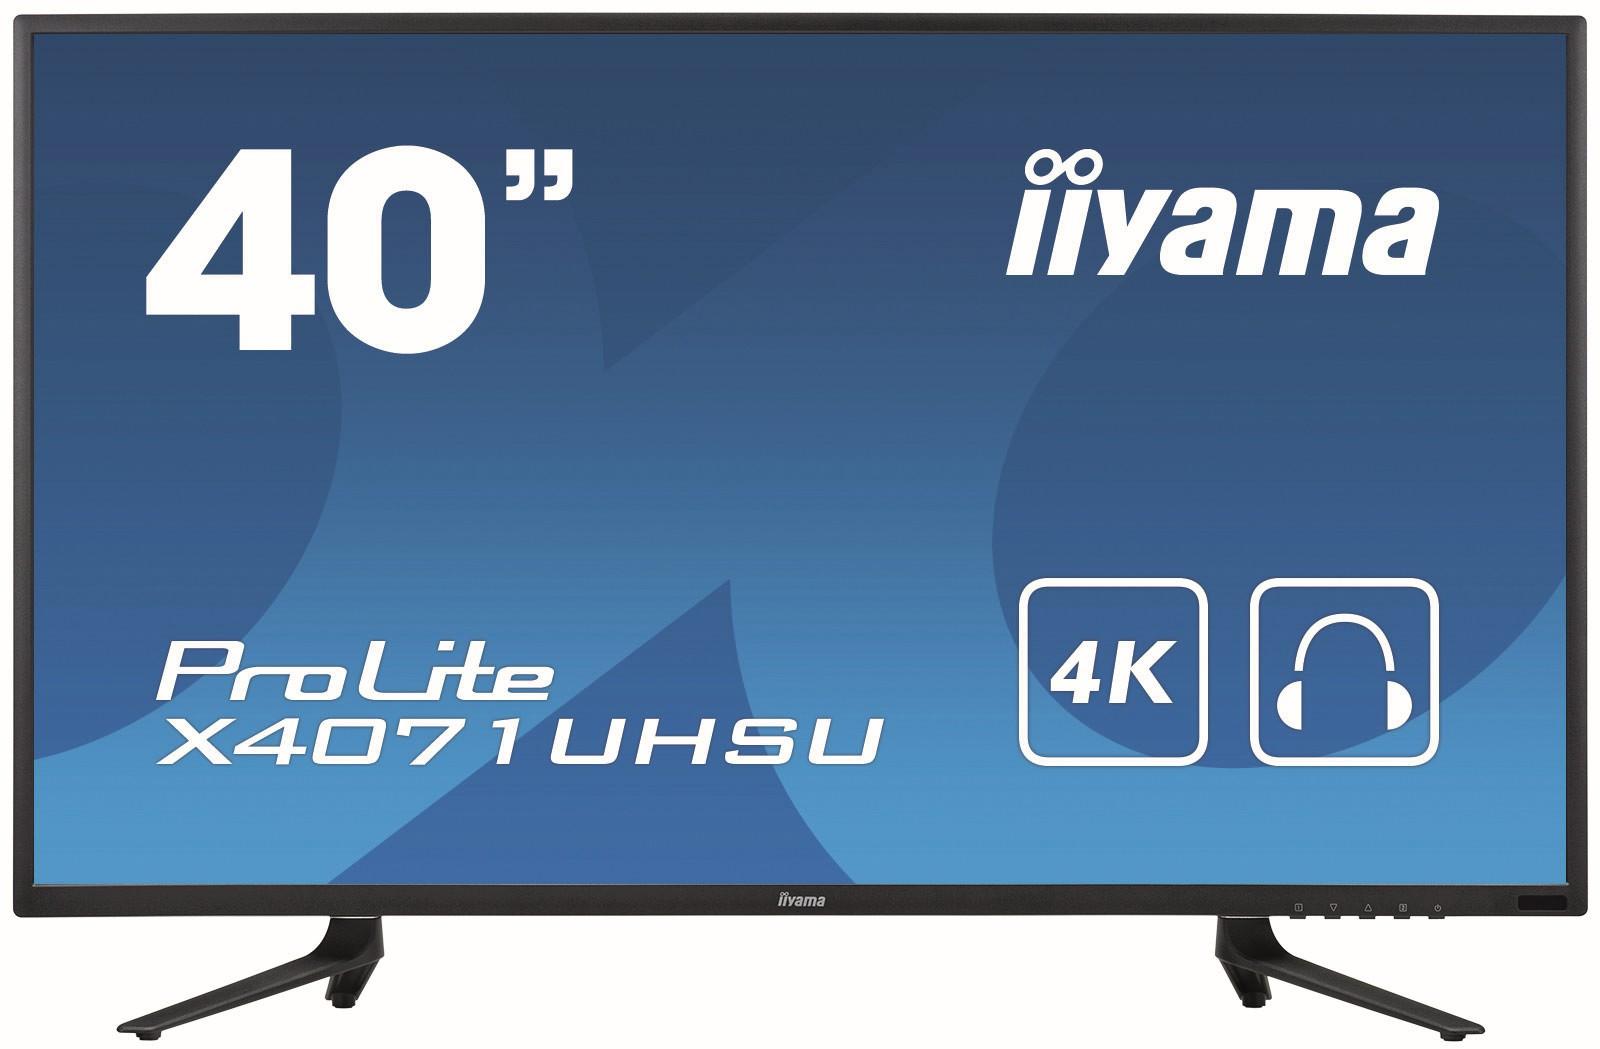 Monitore: Größe - Bildschirmdiagonalen von einem Meter wie beim X4071UHSU-B1 von iiyama stellen längst nicht das Ende der Fahnenstange dar.